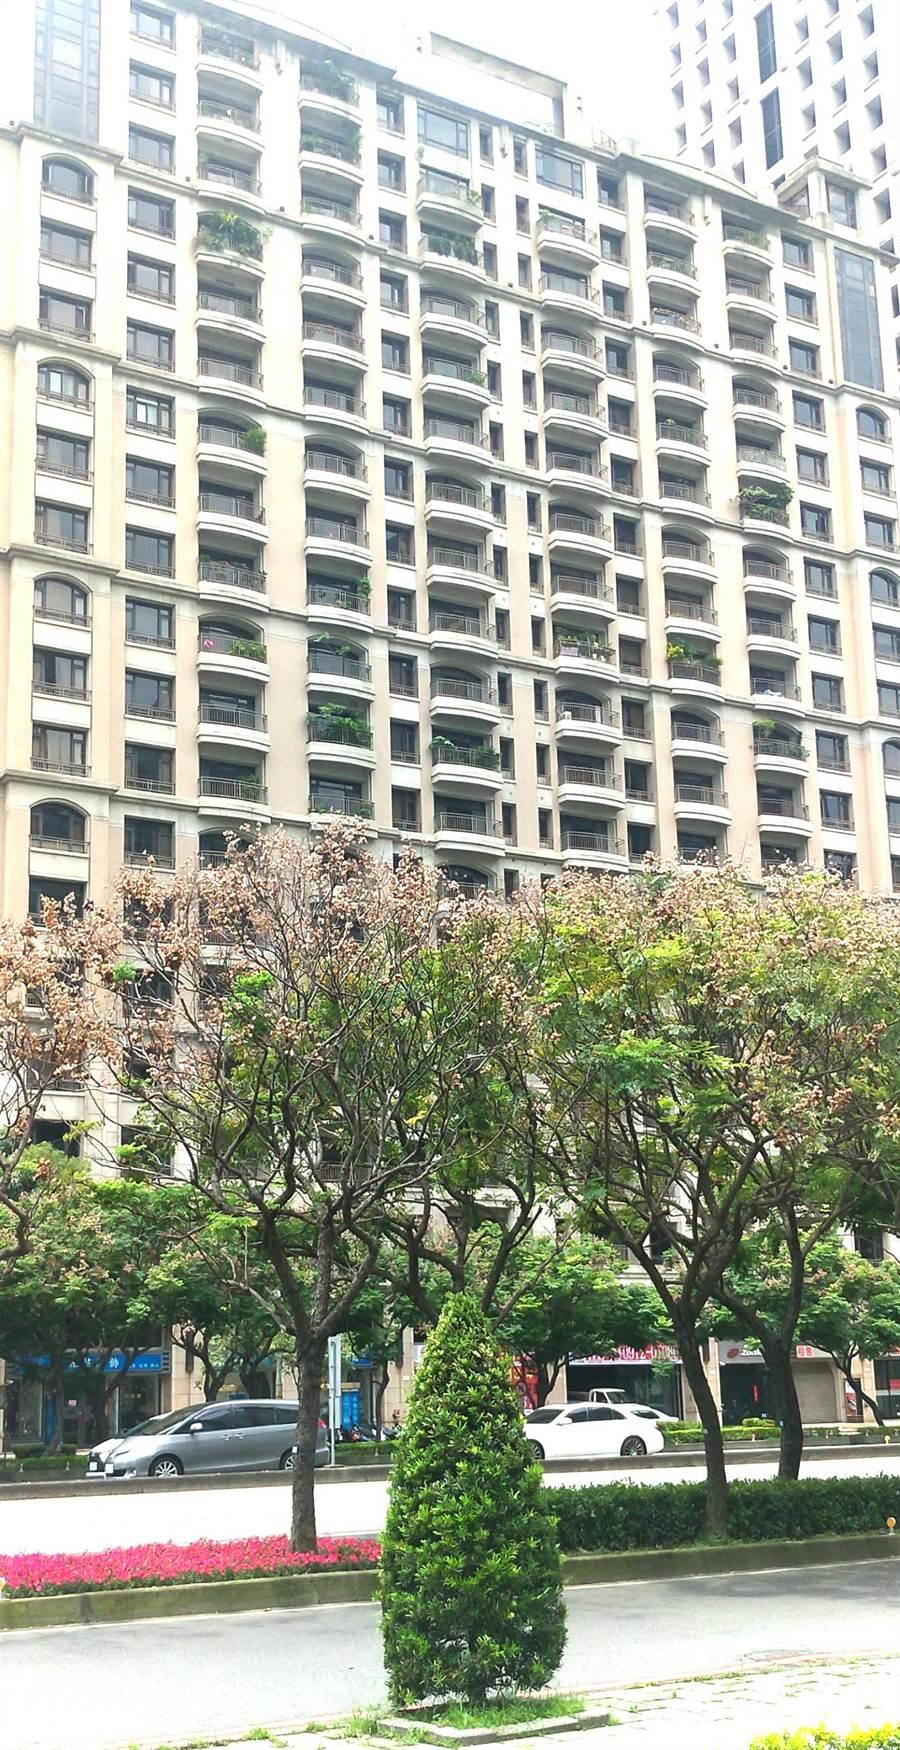 一名在台中市西屯區租屋的黃姓女子,14日晚上11點多,從租屋處10樓墜樓身亡。(盧金足攝)